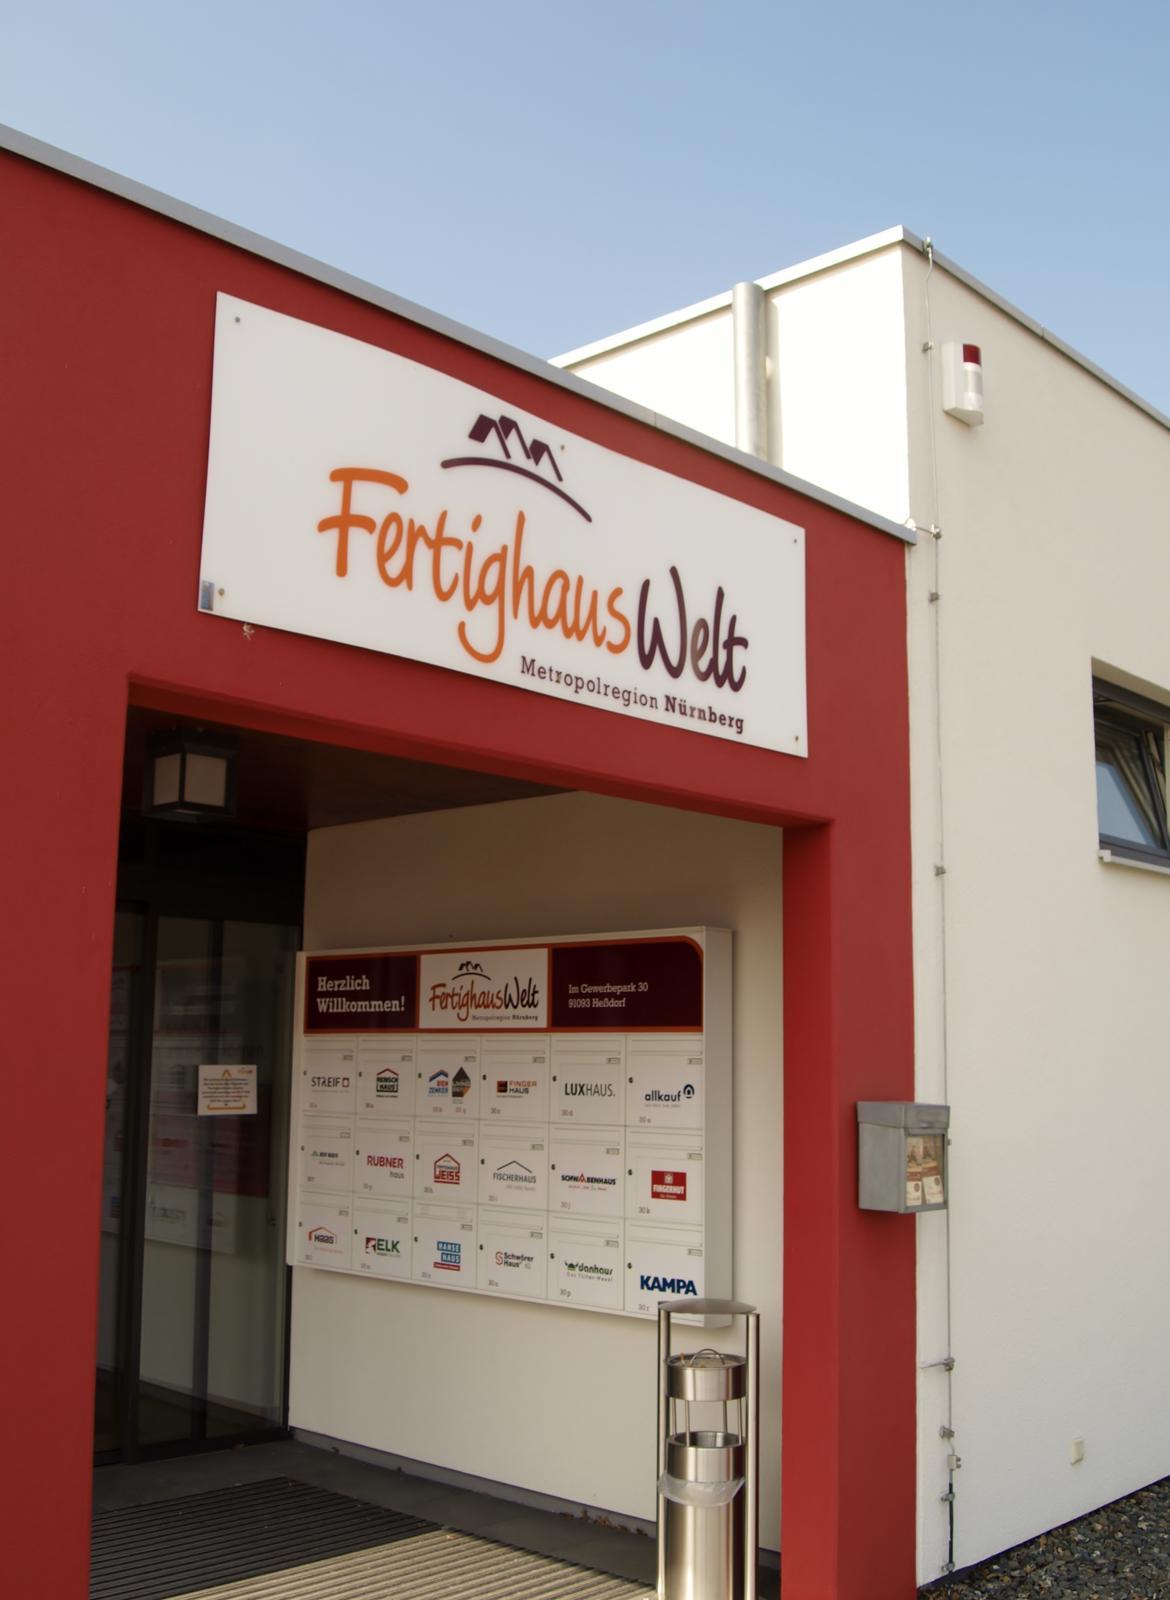 Fertighaus - výstava rod.domov